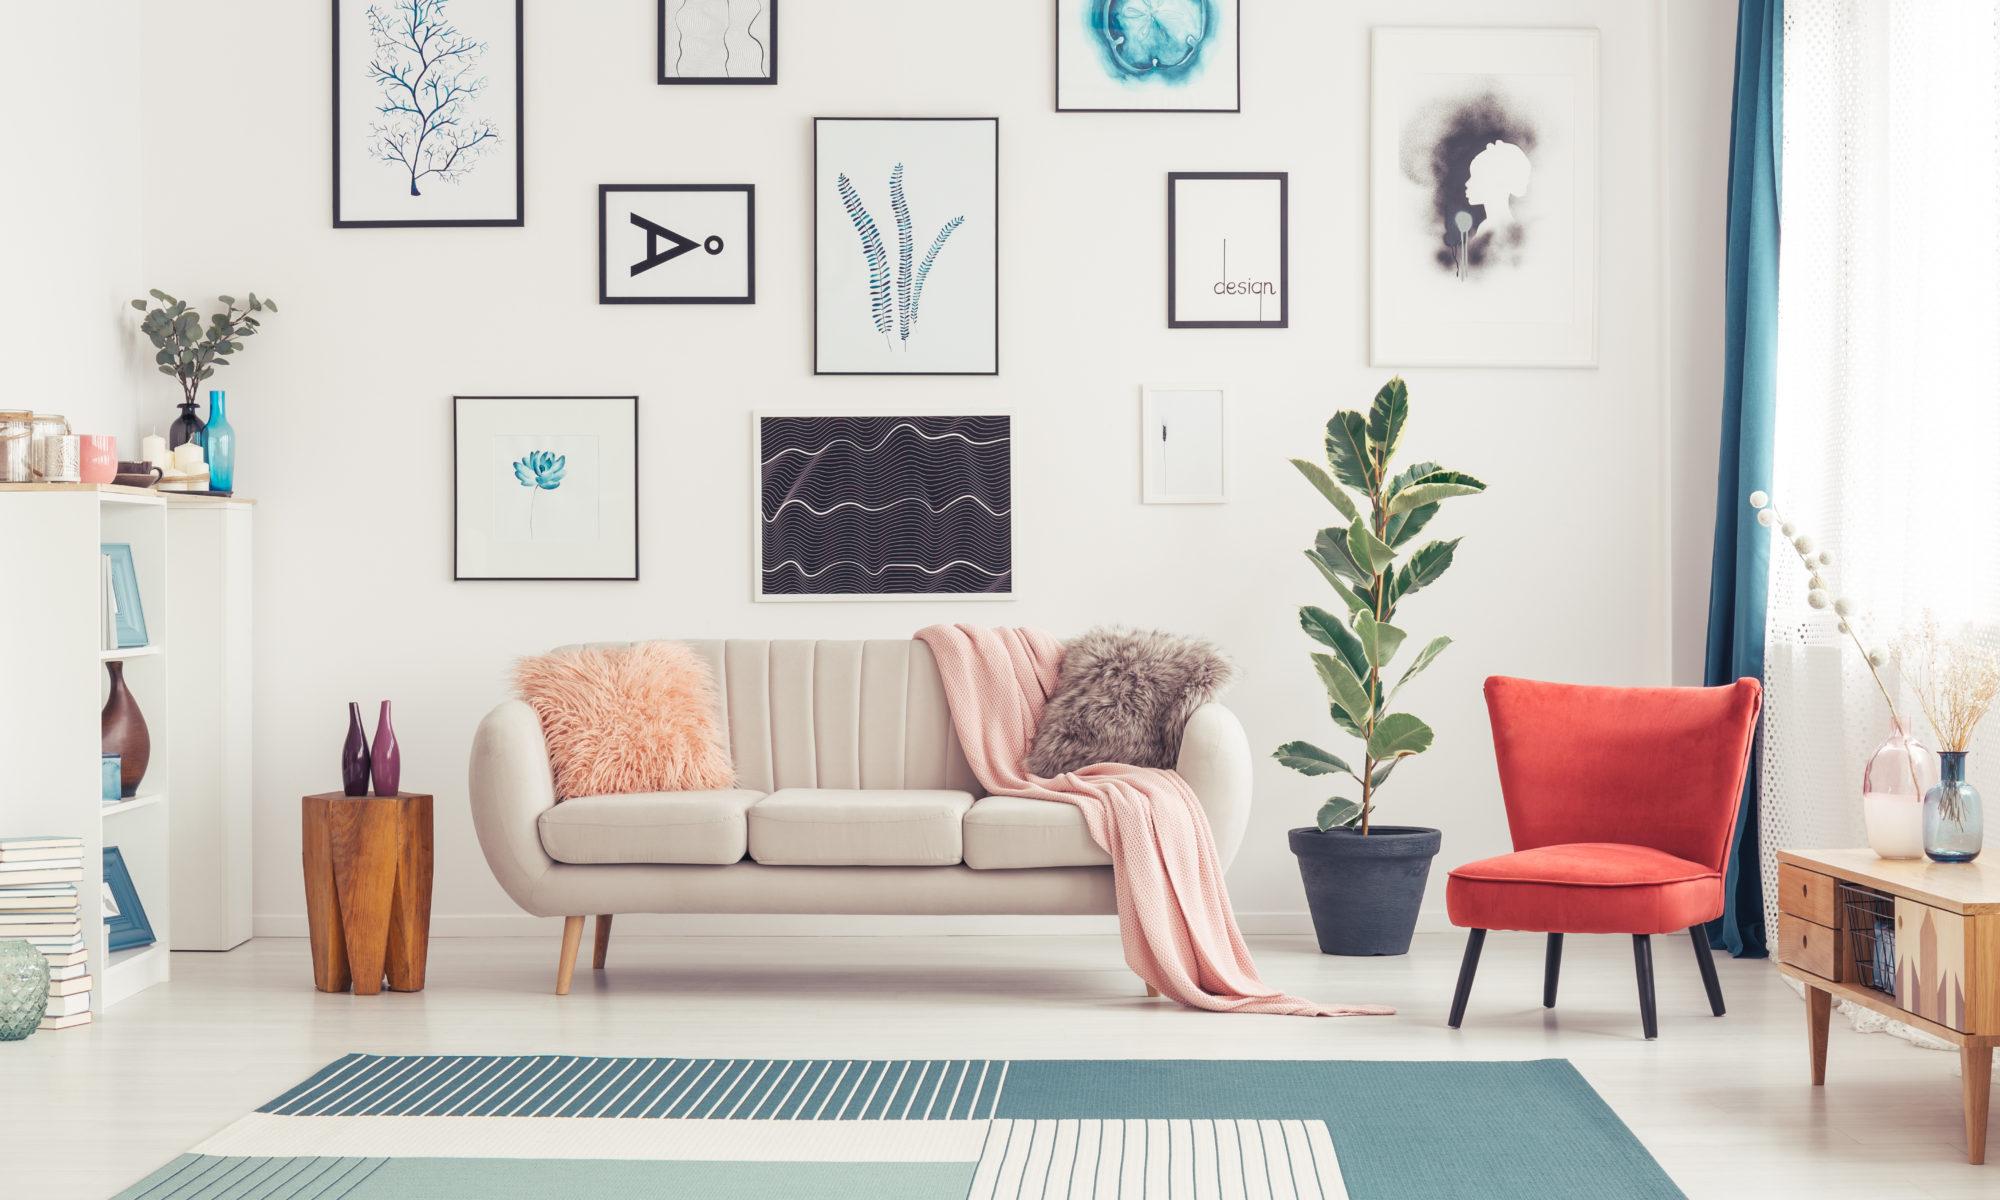 kolorowy salon z powieszonymi obrazami nad kanapą